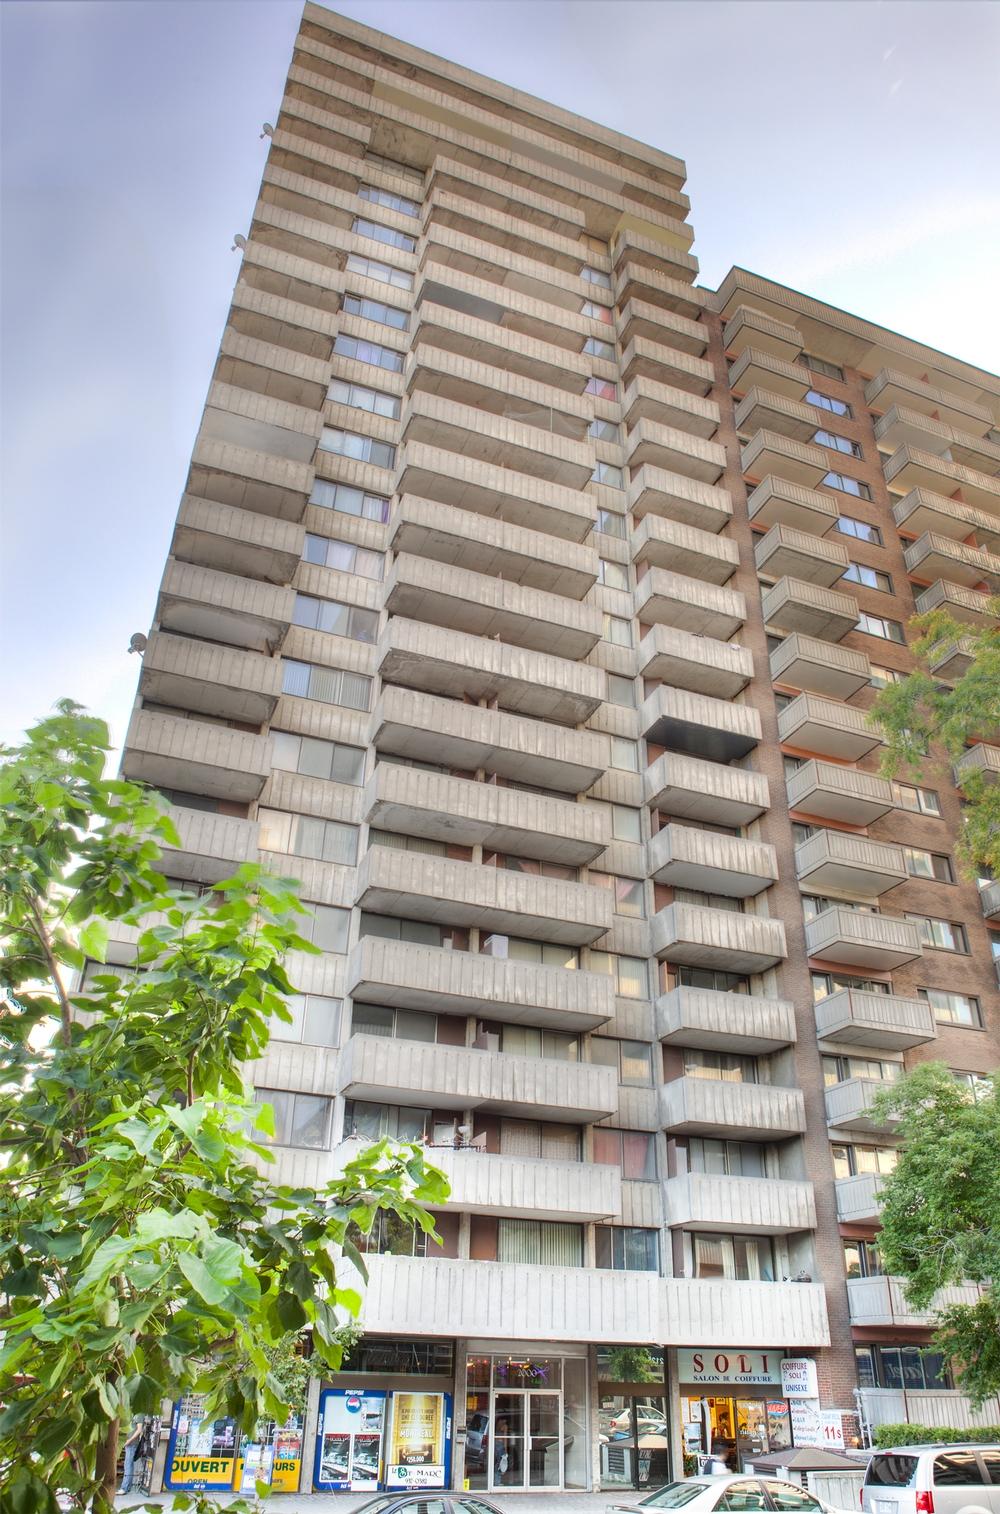 Appartement 2 chambres louer montr al centre ville le st marc - Chambre a louer centre ville montreal ...